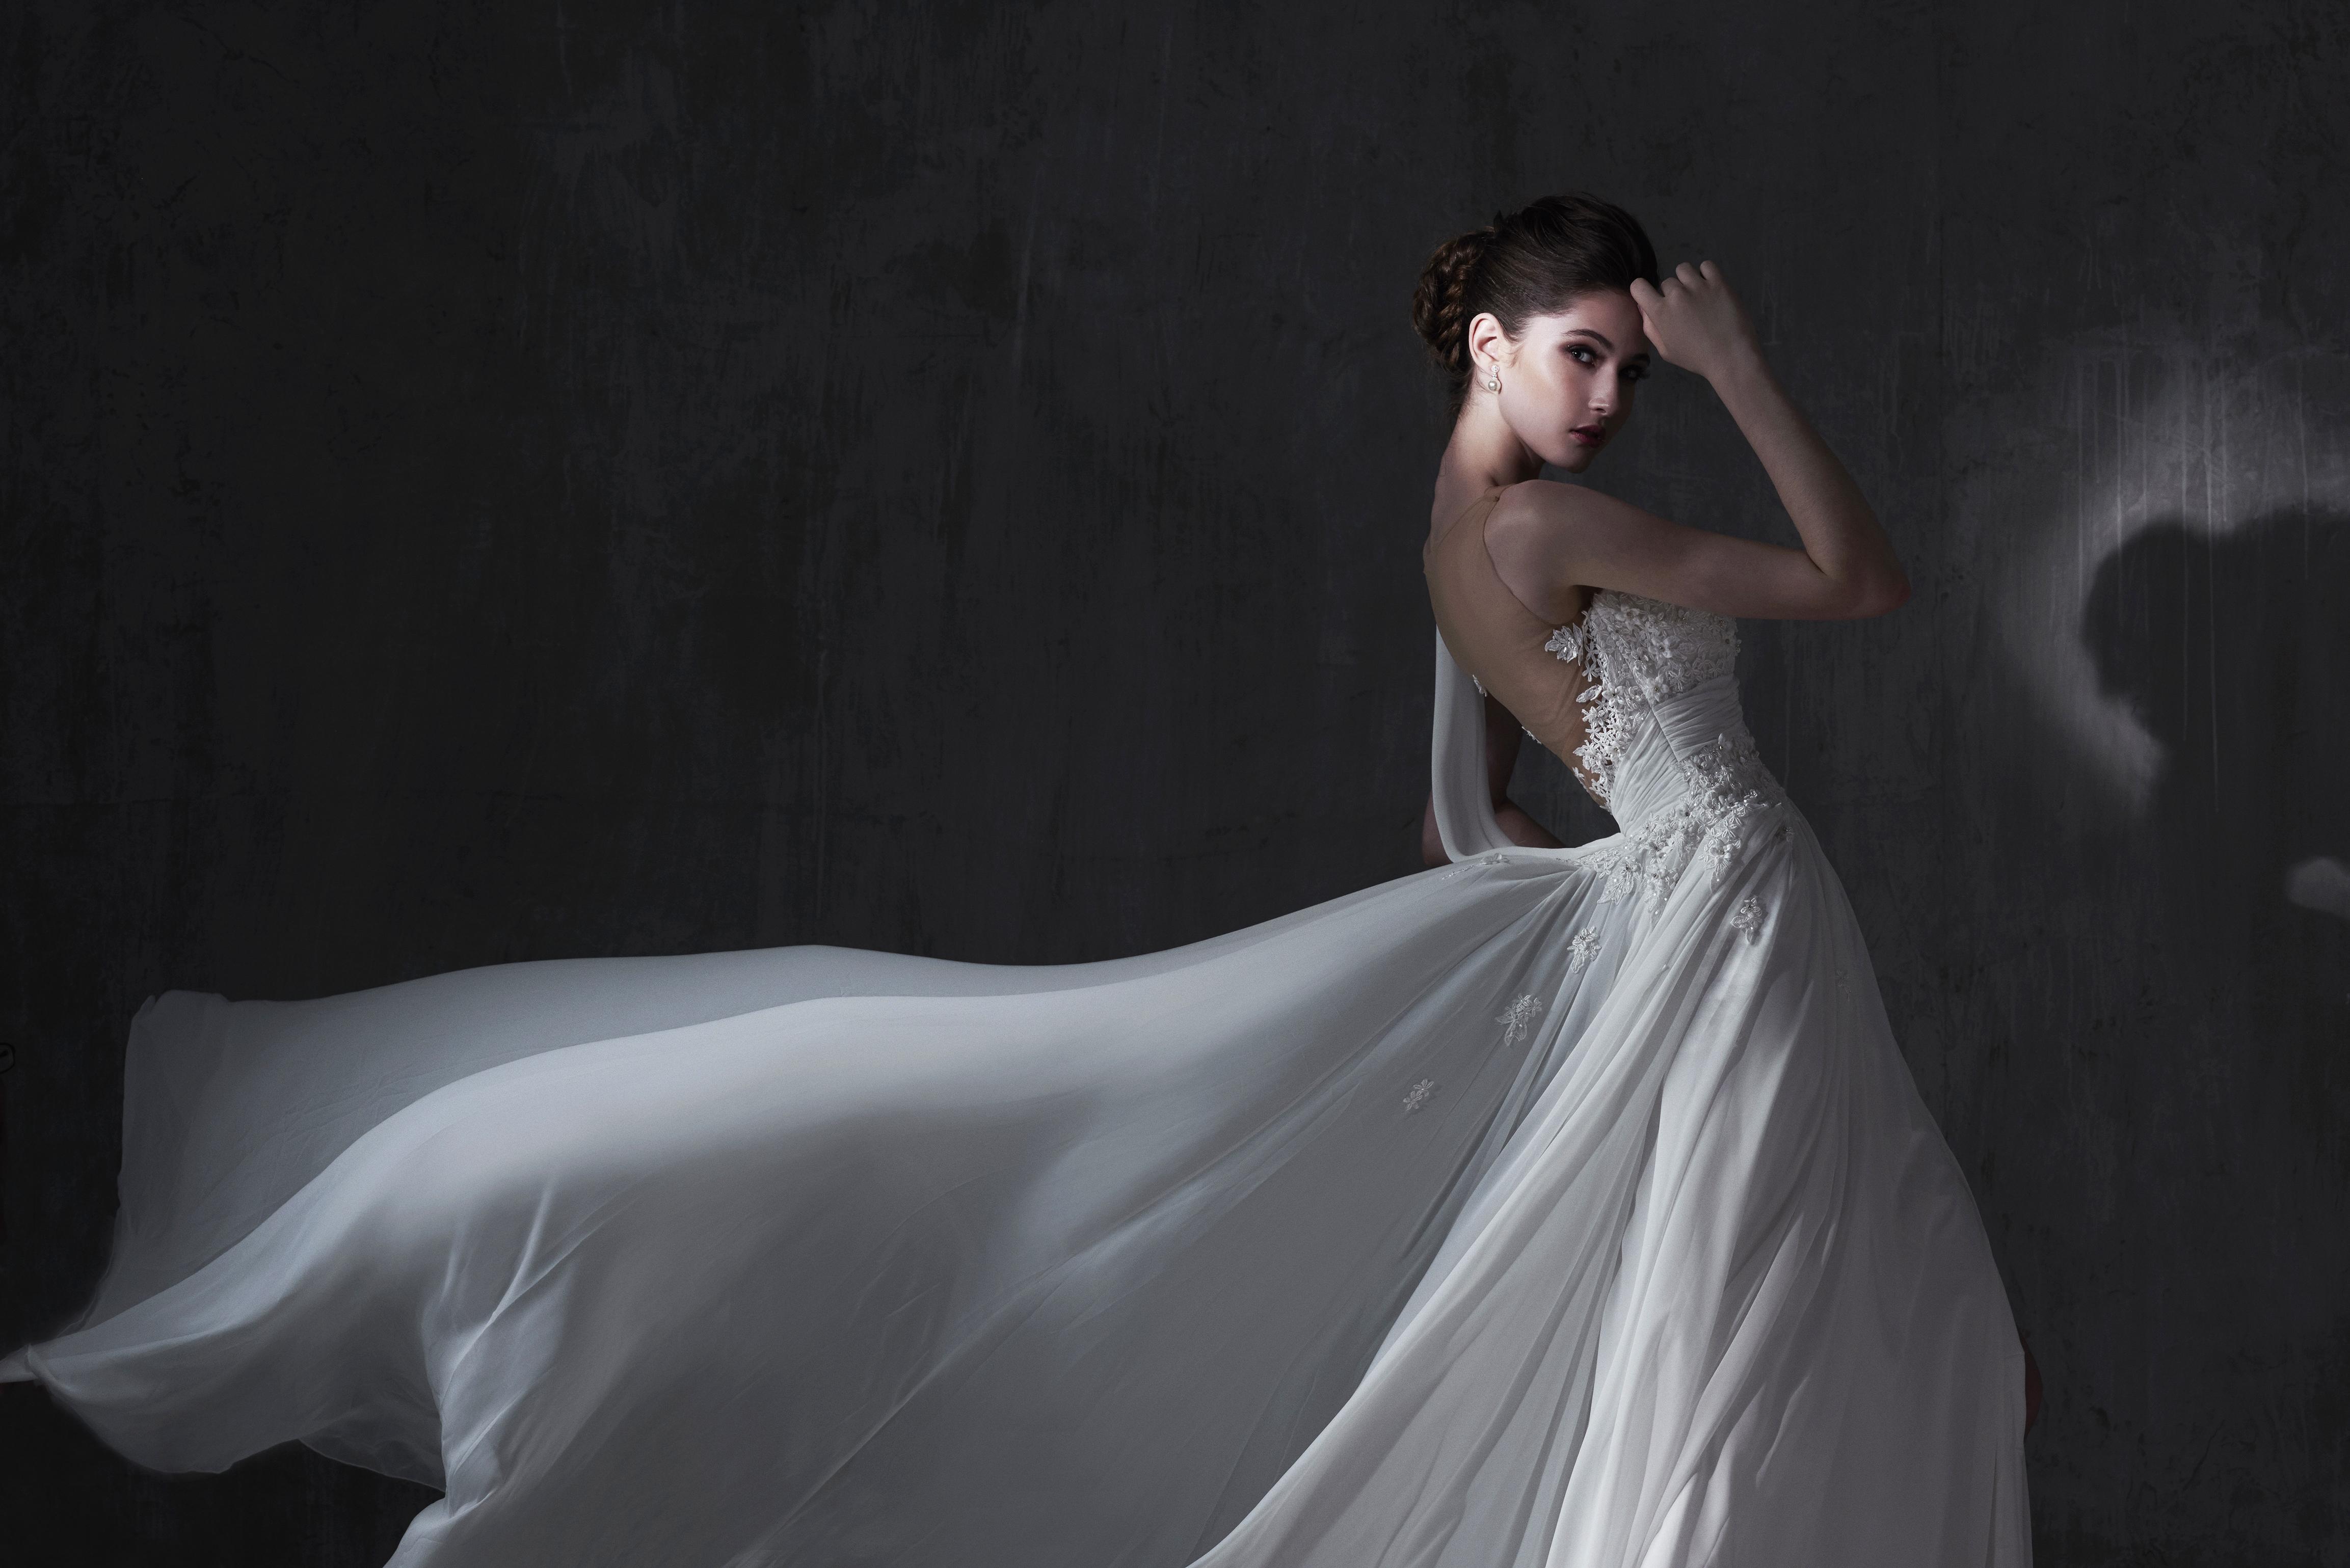 Brian Chen Bridal image 3